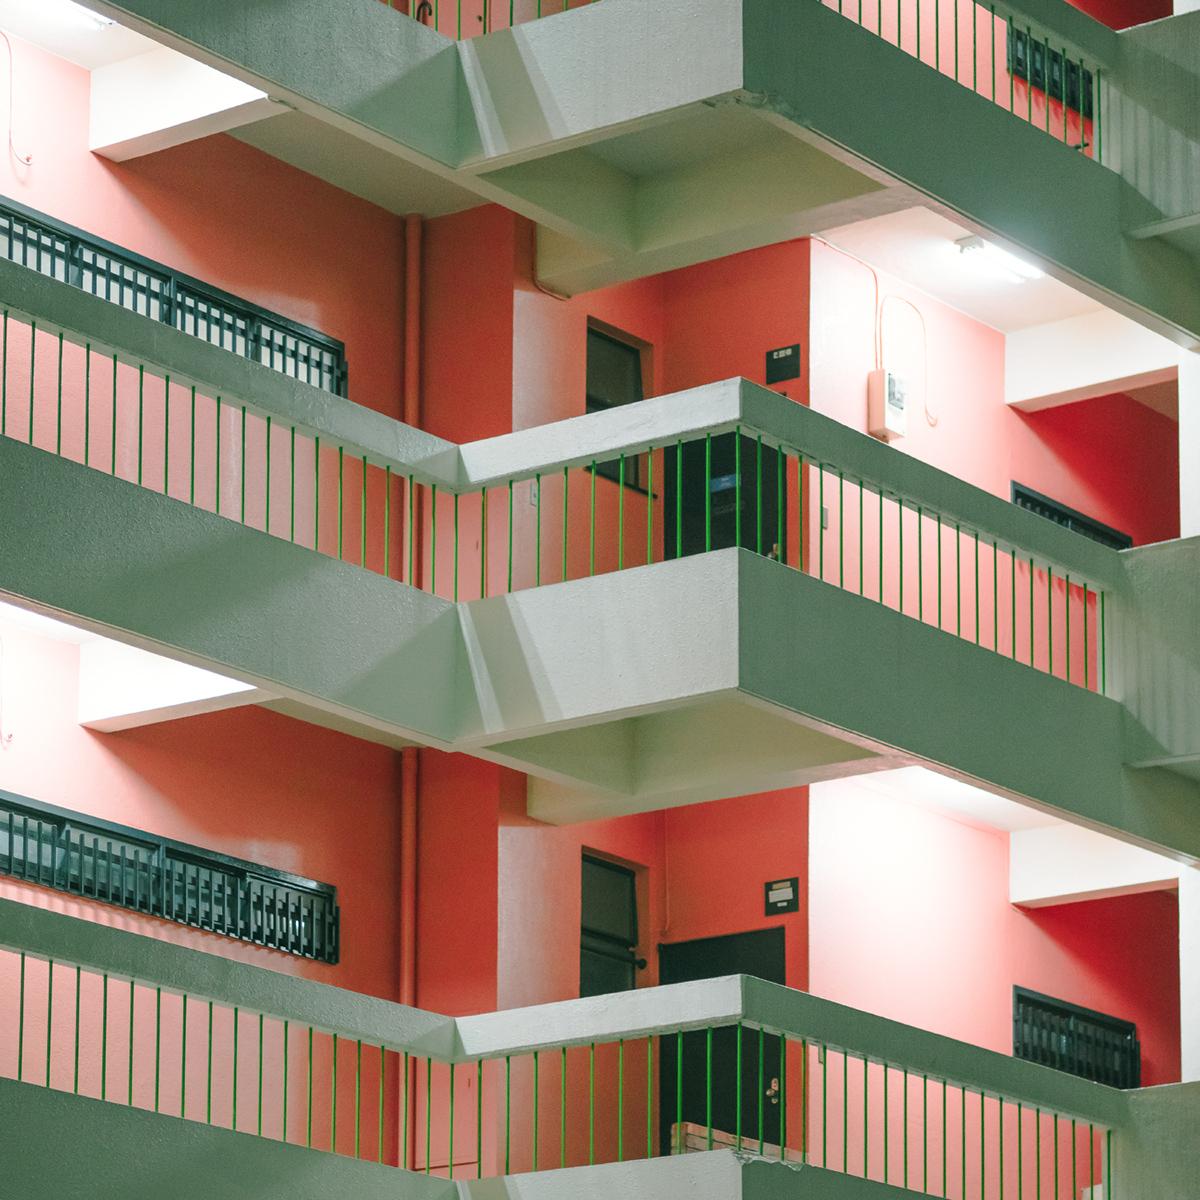 Colores y arquitectura de Matthias Heiderich 13